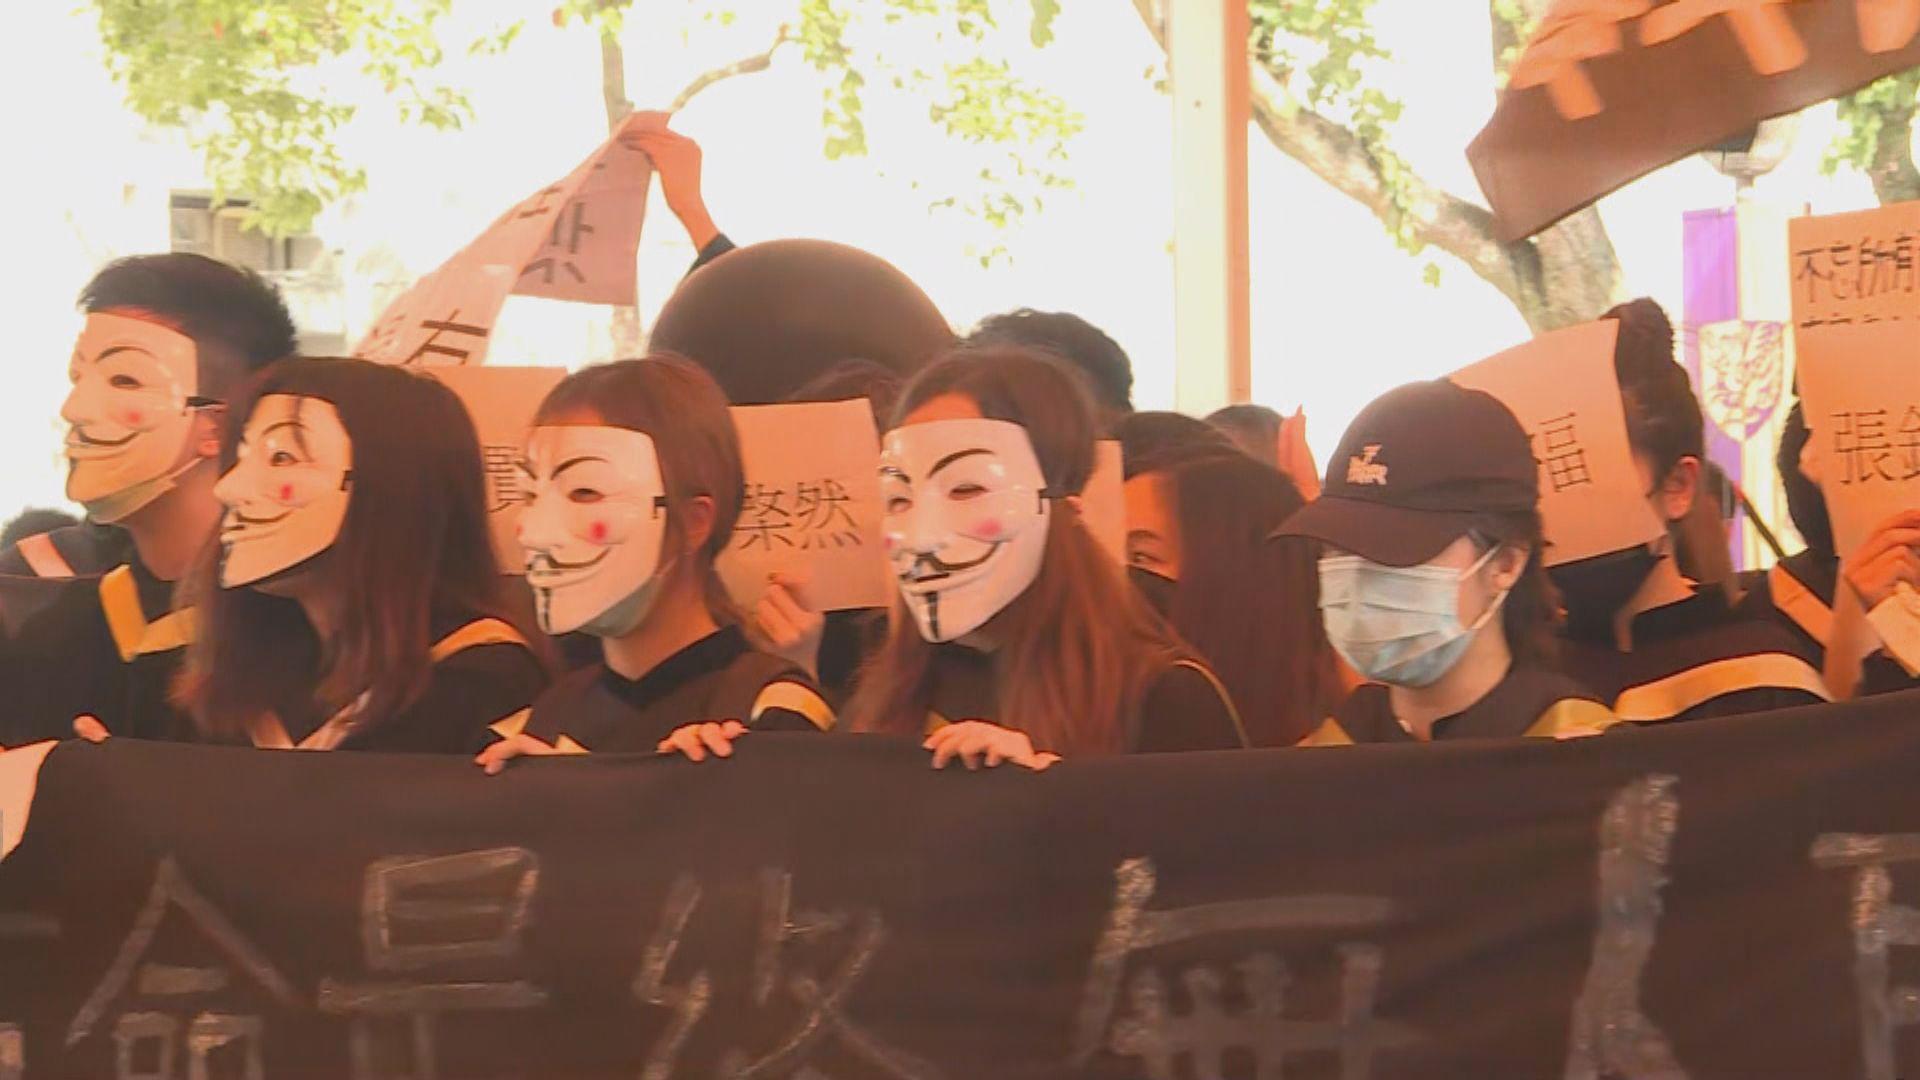 中大畢業生校內遊行 冀社會關注12名被扣押港人